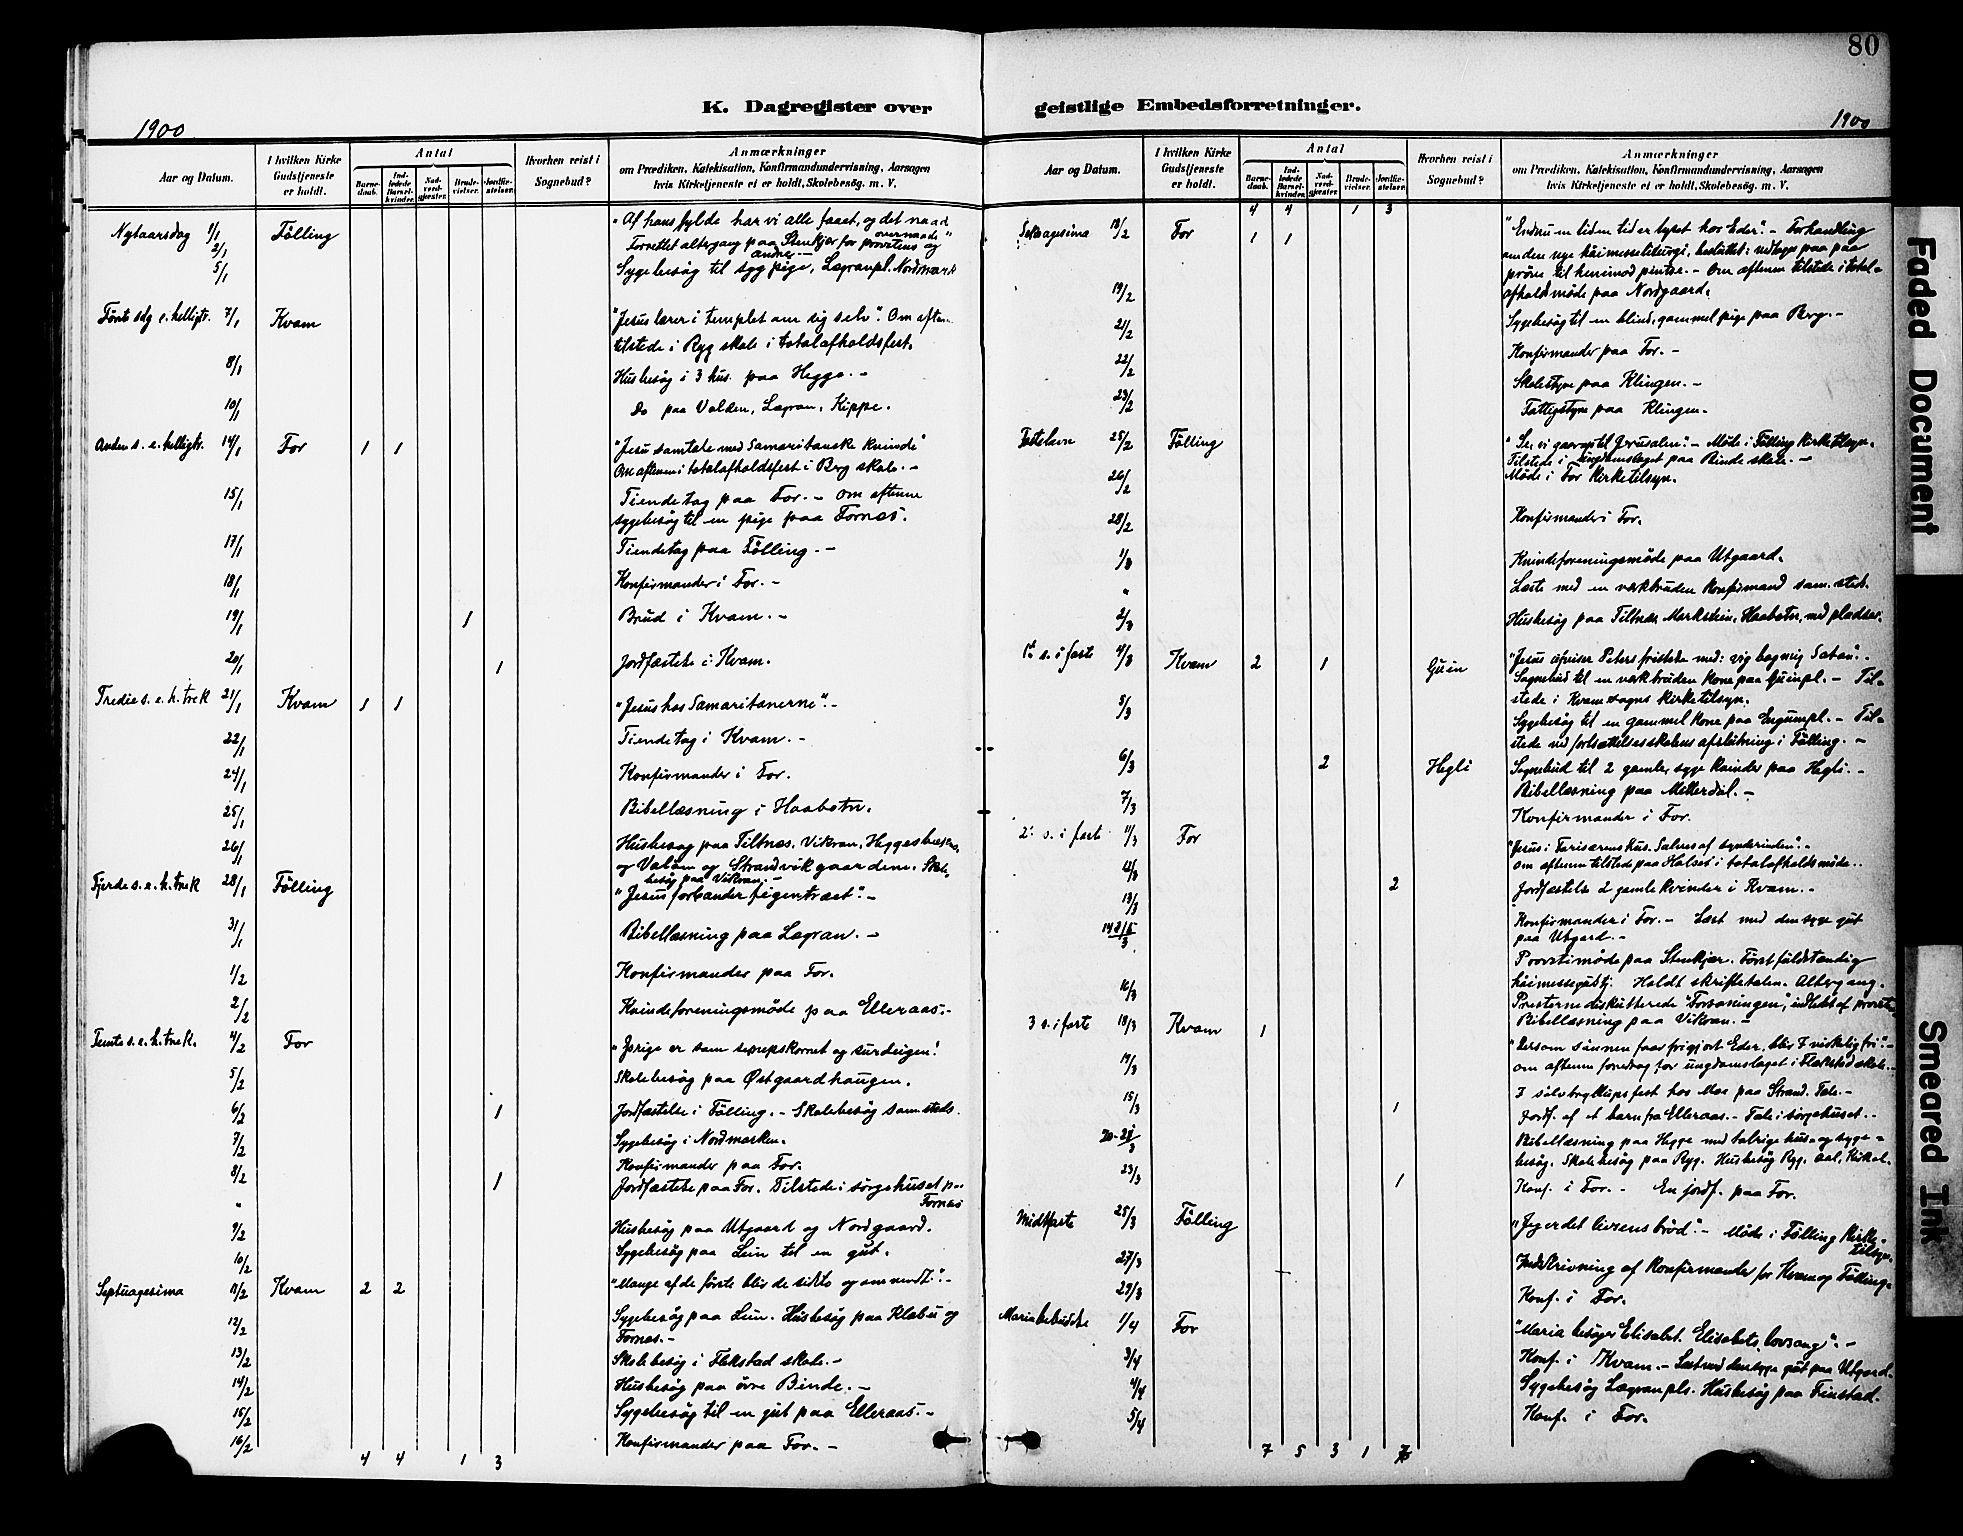 SAT, Ministerialprotokoller, klokkerbøker og fødselsregistre - Nord-Trøndelag, 746/L0452: Ministerialbok nr. 746A09, 1900-1908, s. 80